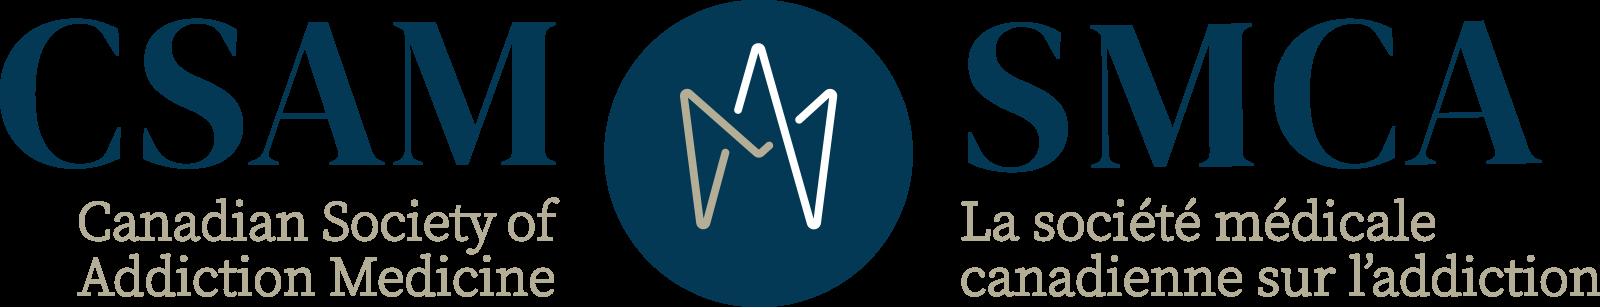 CSAM-SMCA Logo